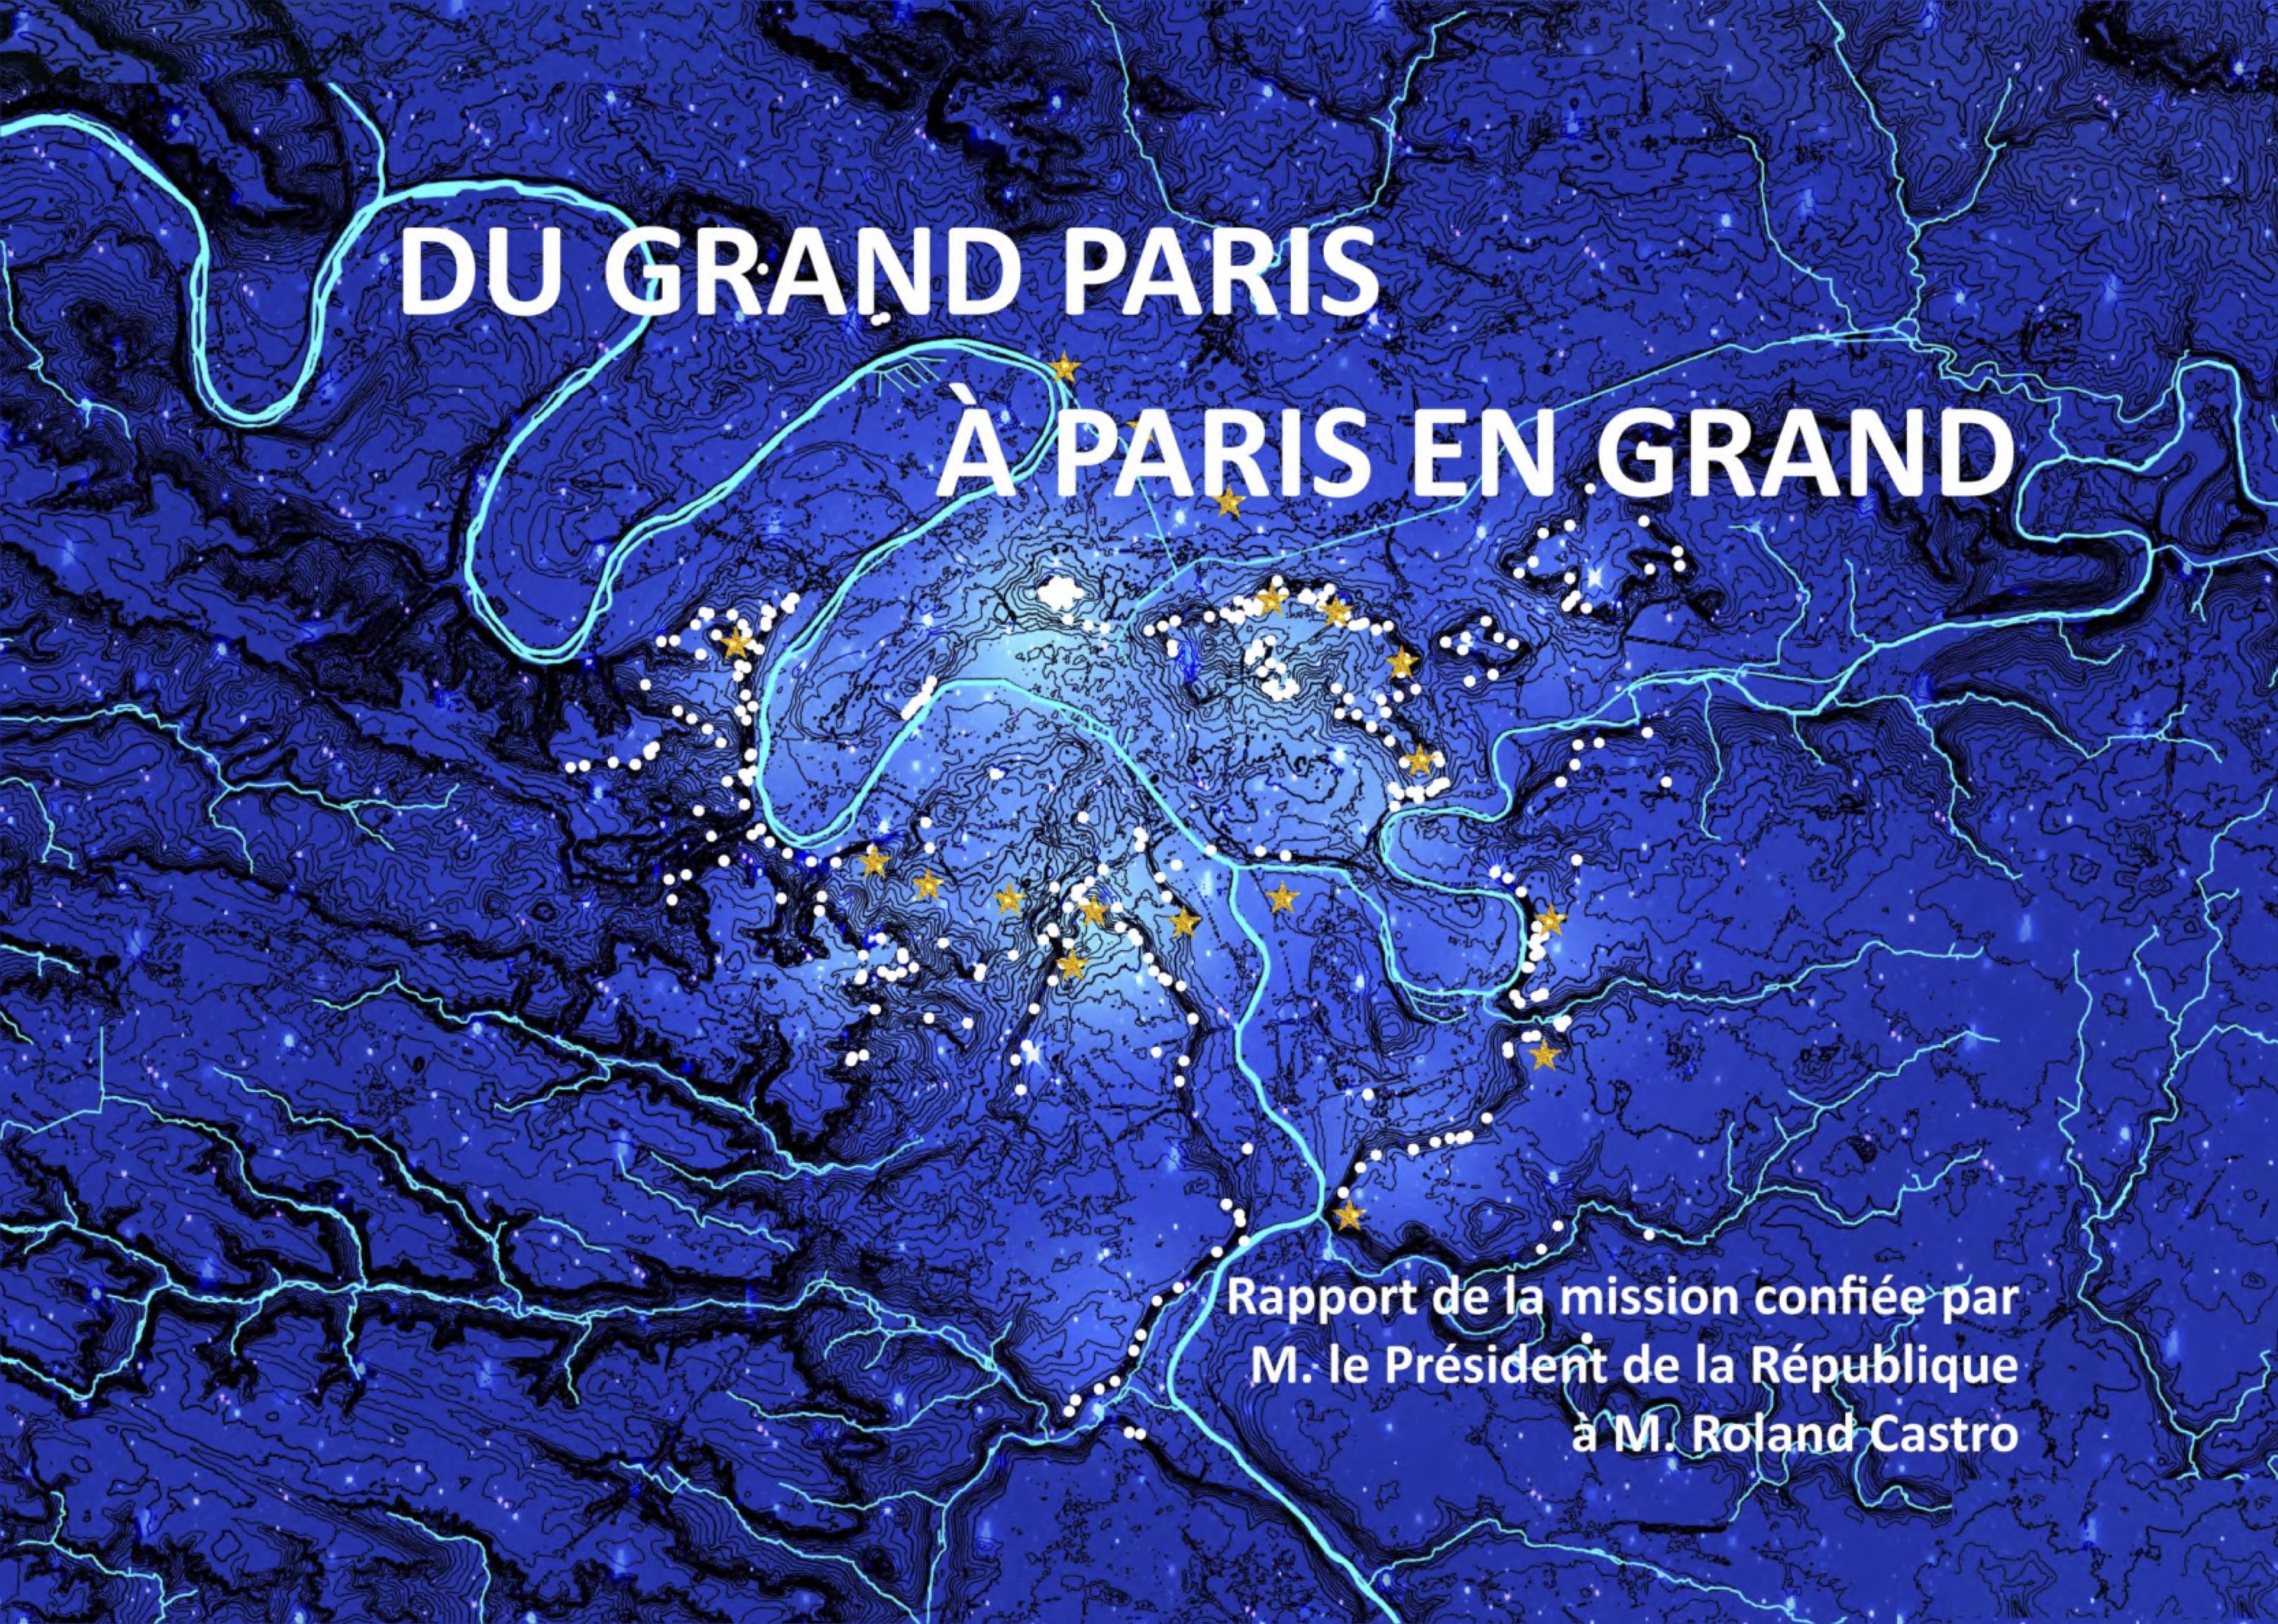 « Du Grand Paris, à Paris en grand »